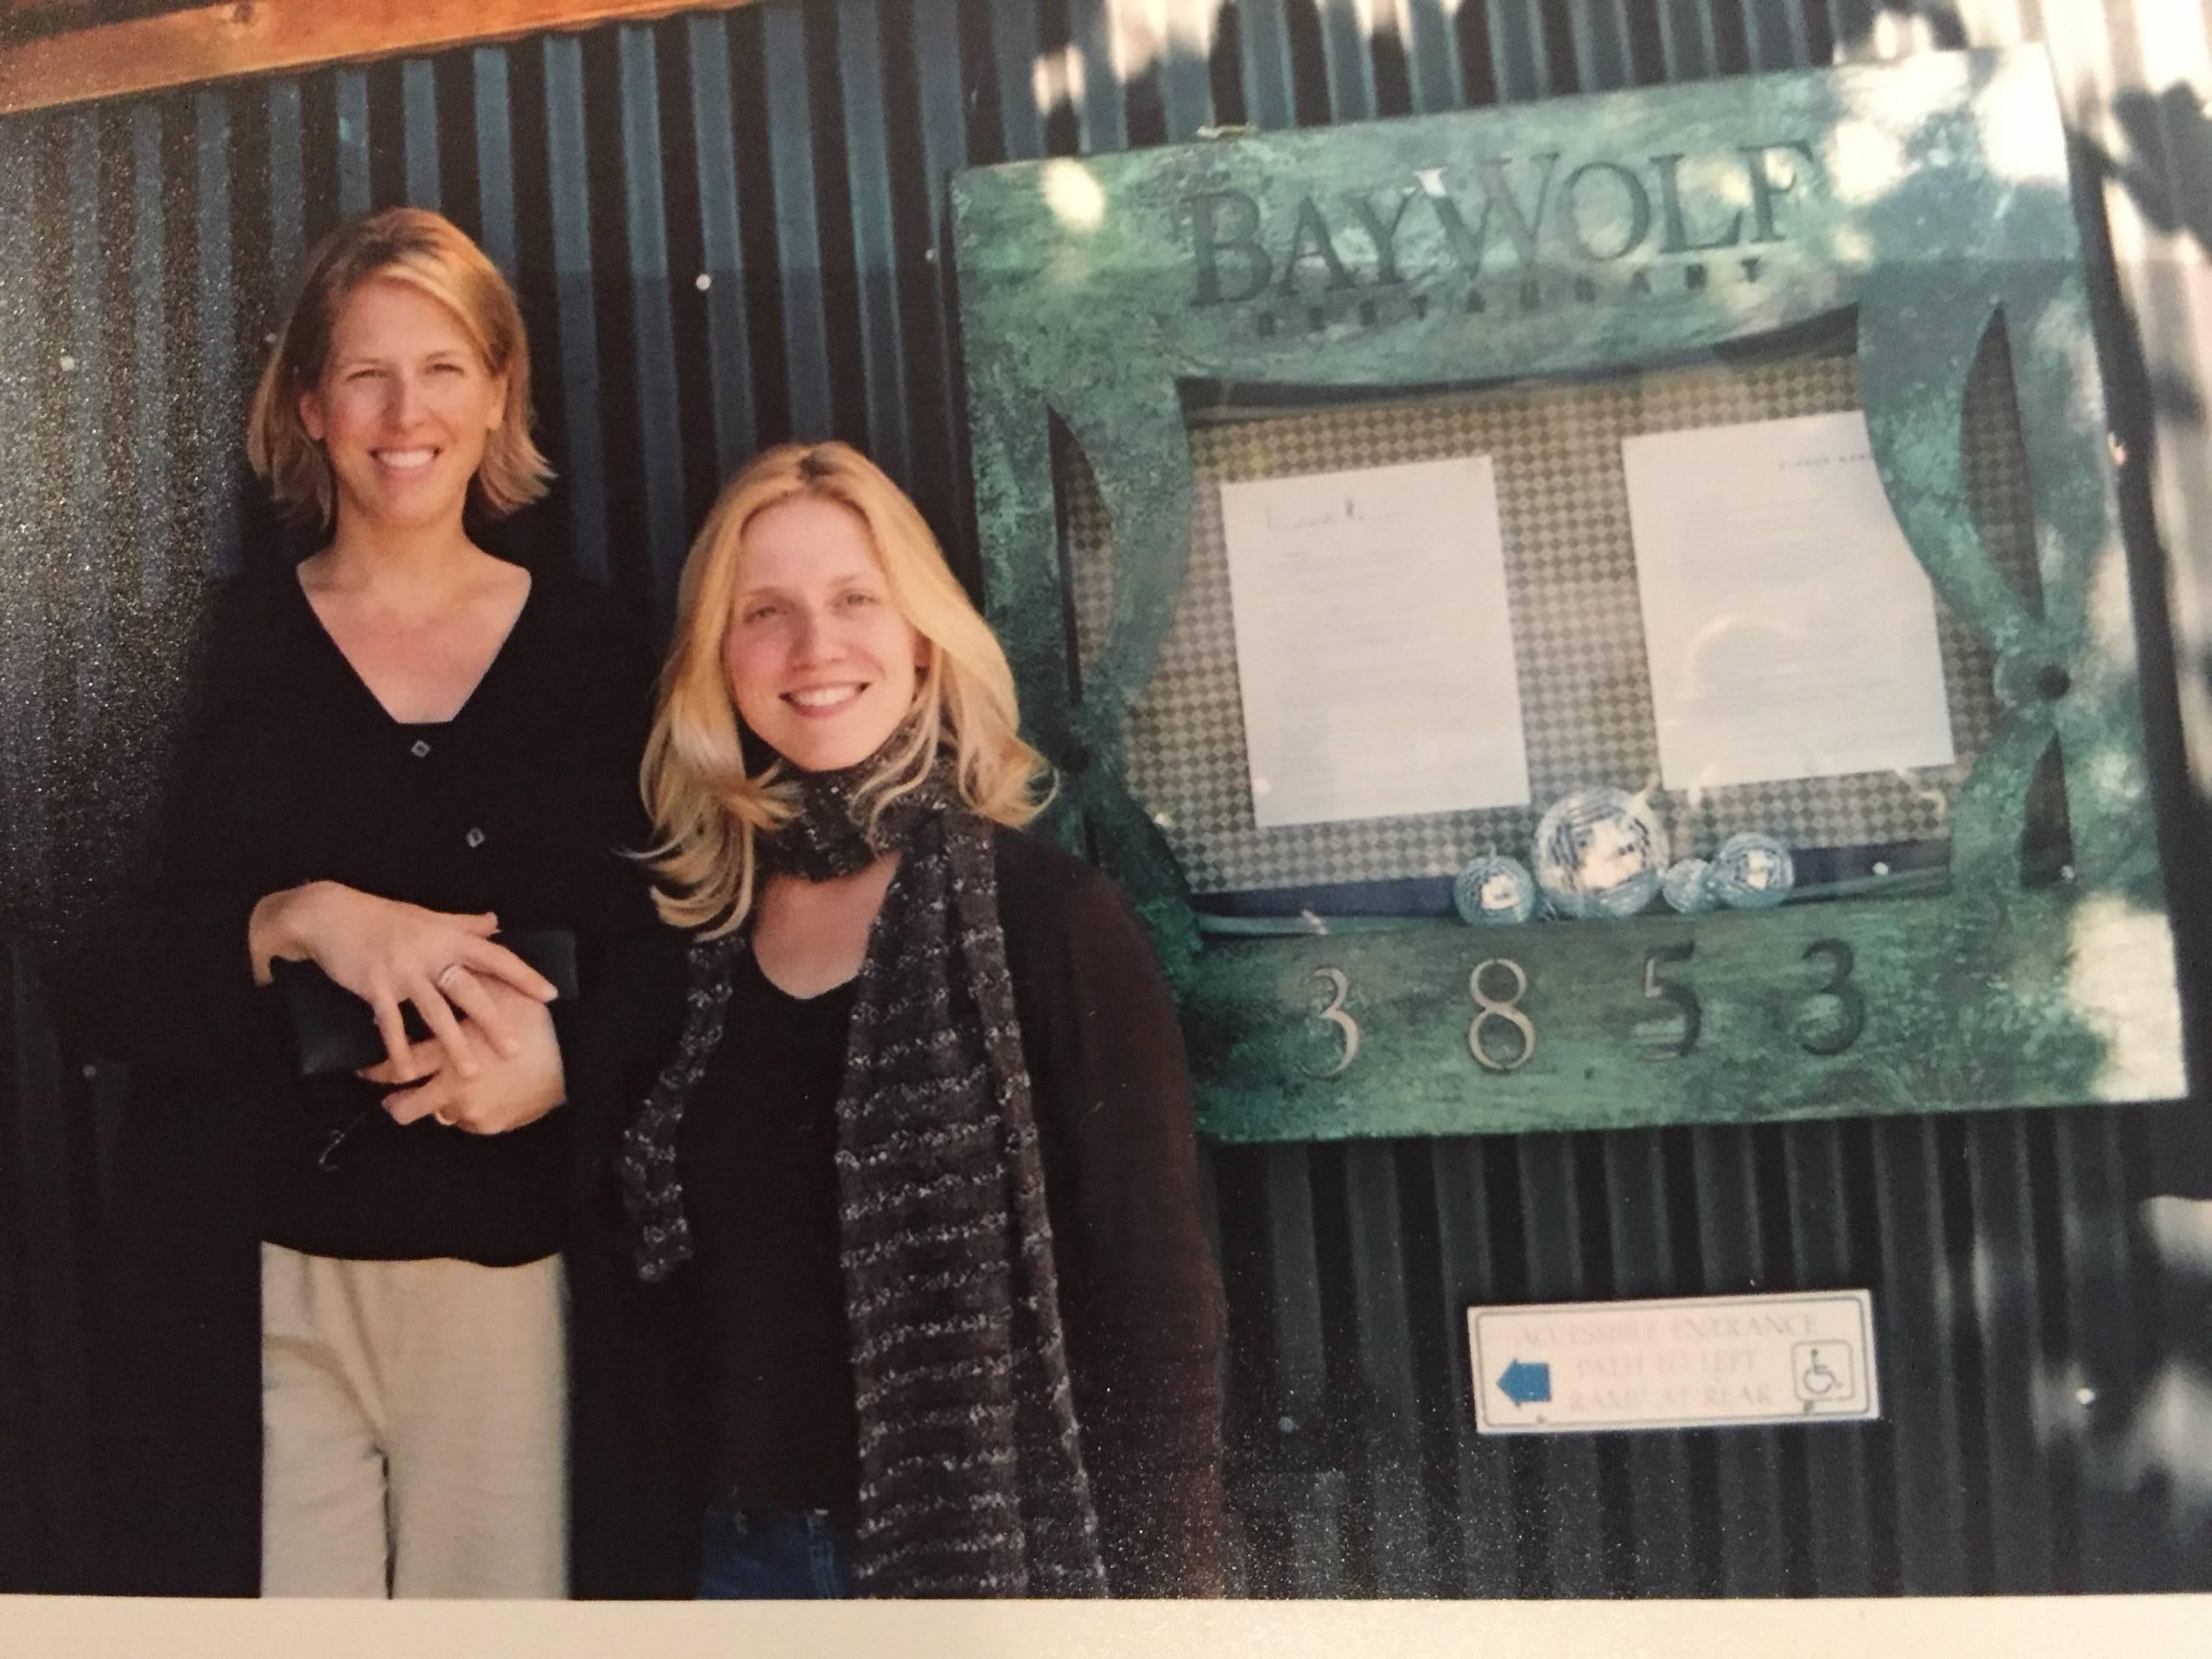 Rebekah Wood and Laura Martin Bovard at BayWolf, circa 2002